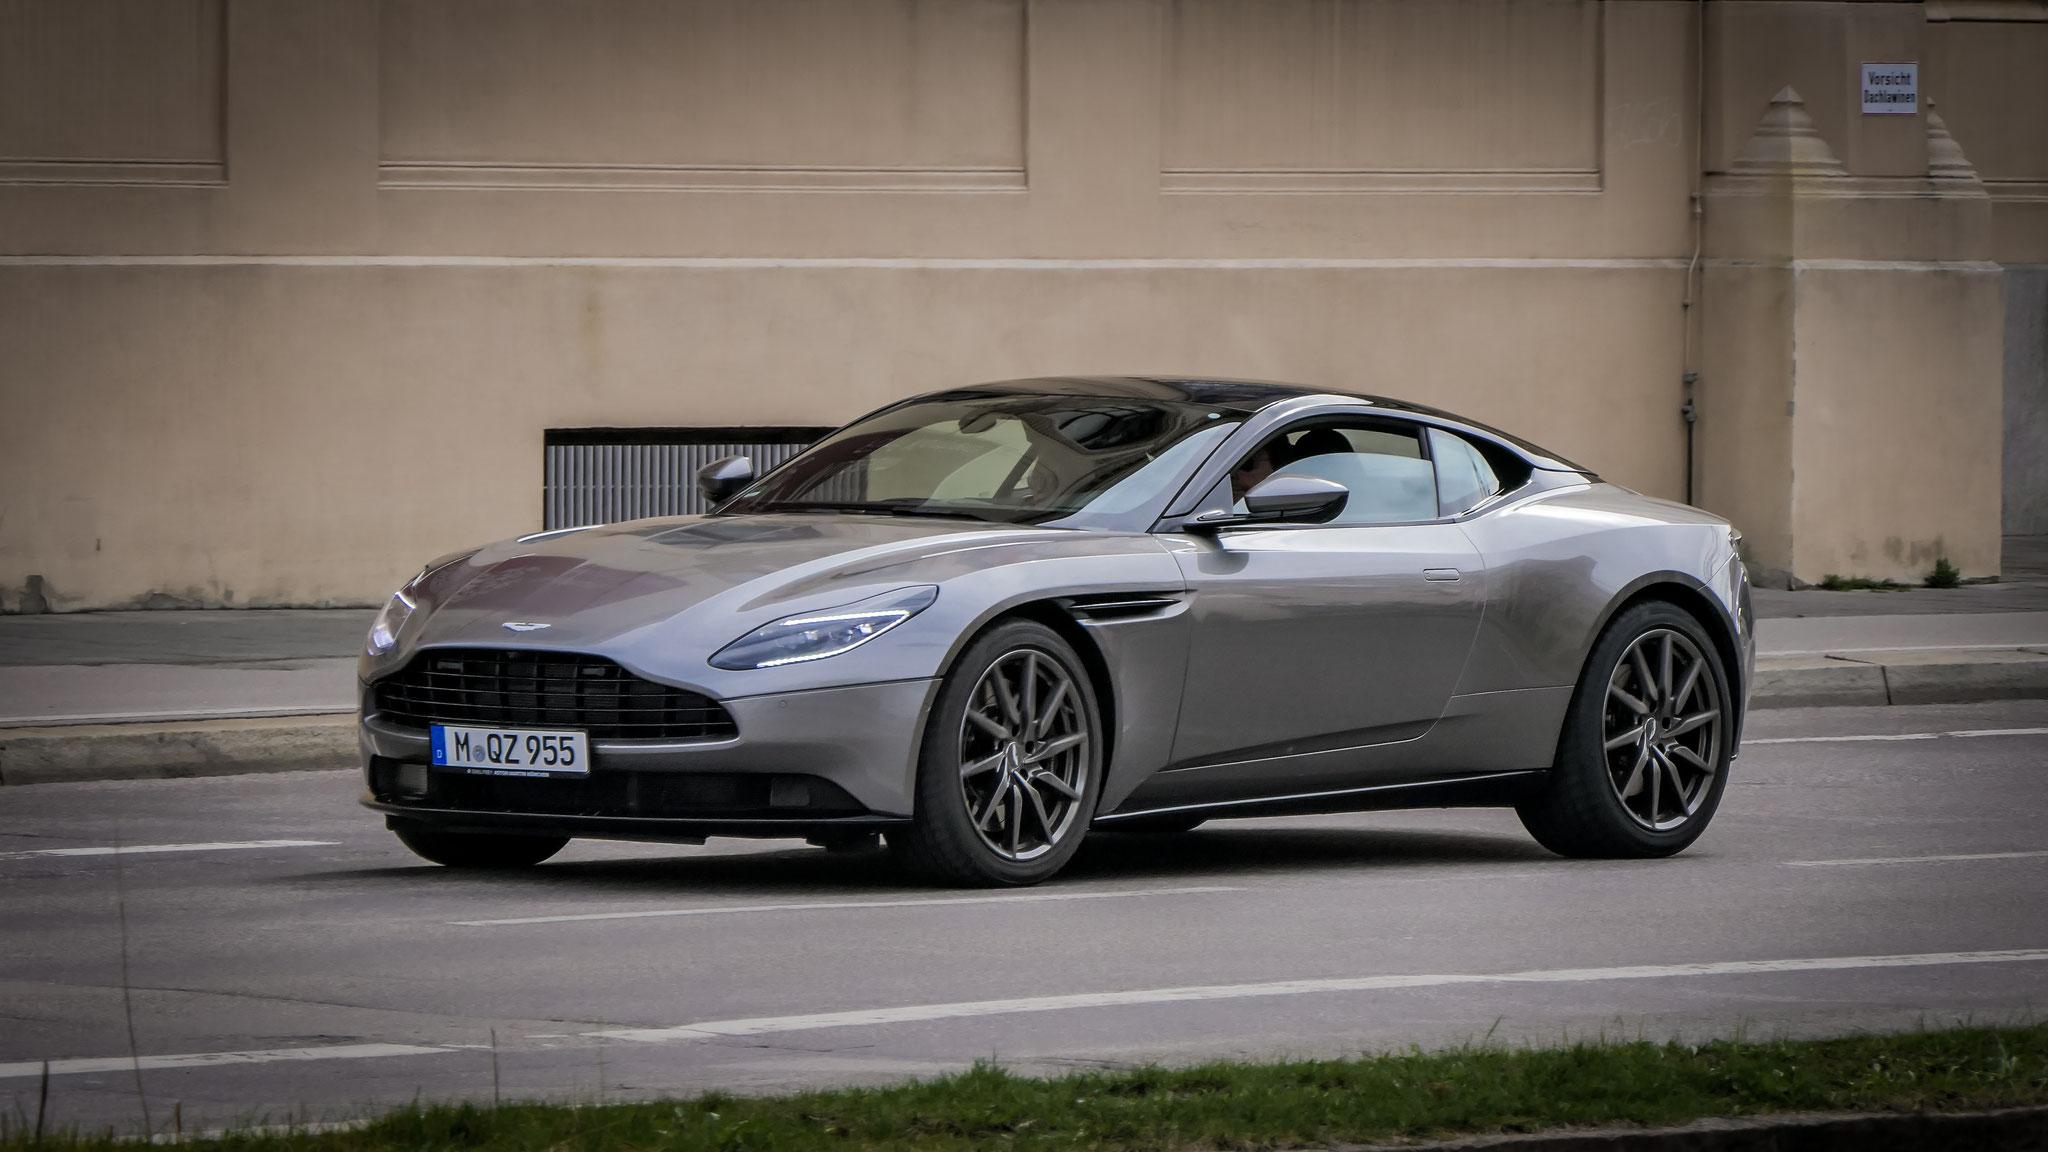 Aston Martin DB11 - M-QZ-955